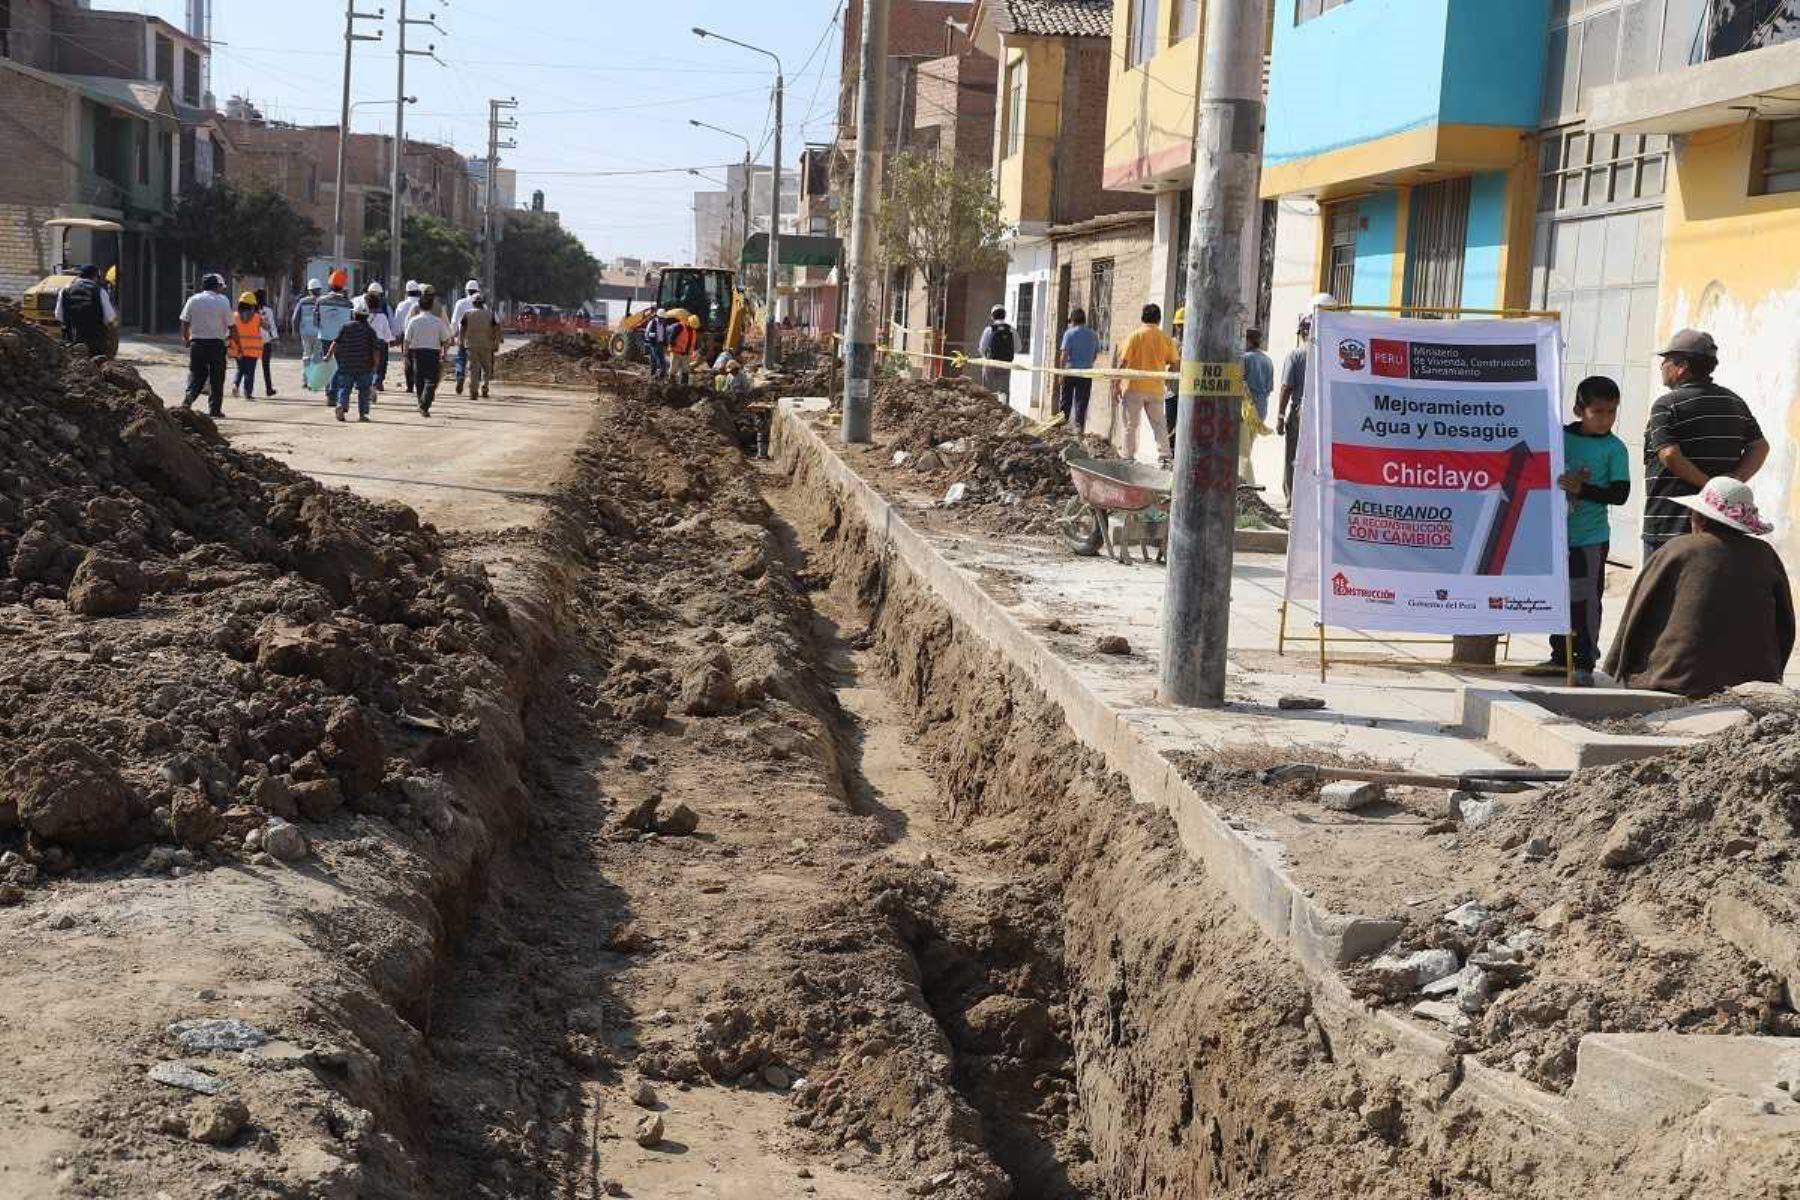 Priorizarán proyecto de mejoramiento de sistema de alcantarillado de Chiclayo - Agencia Andina